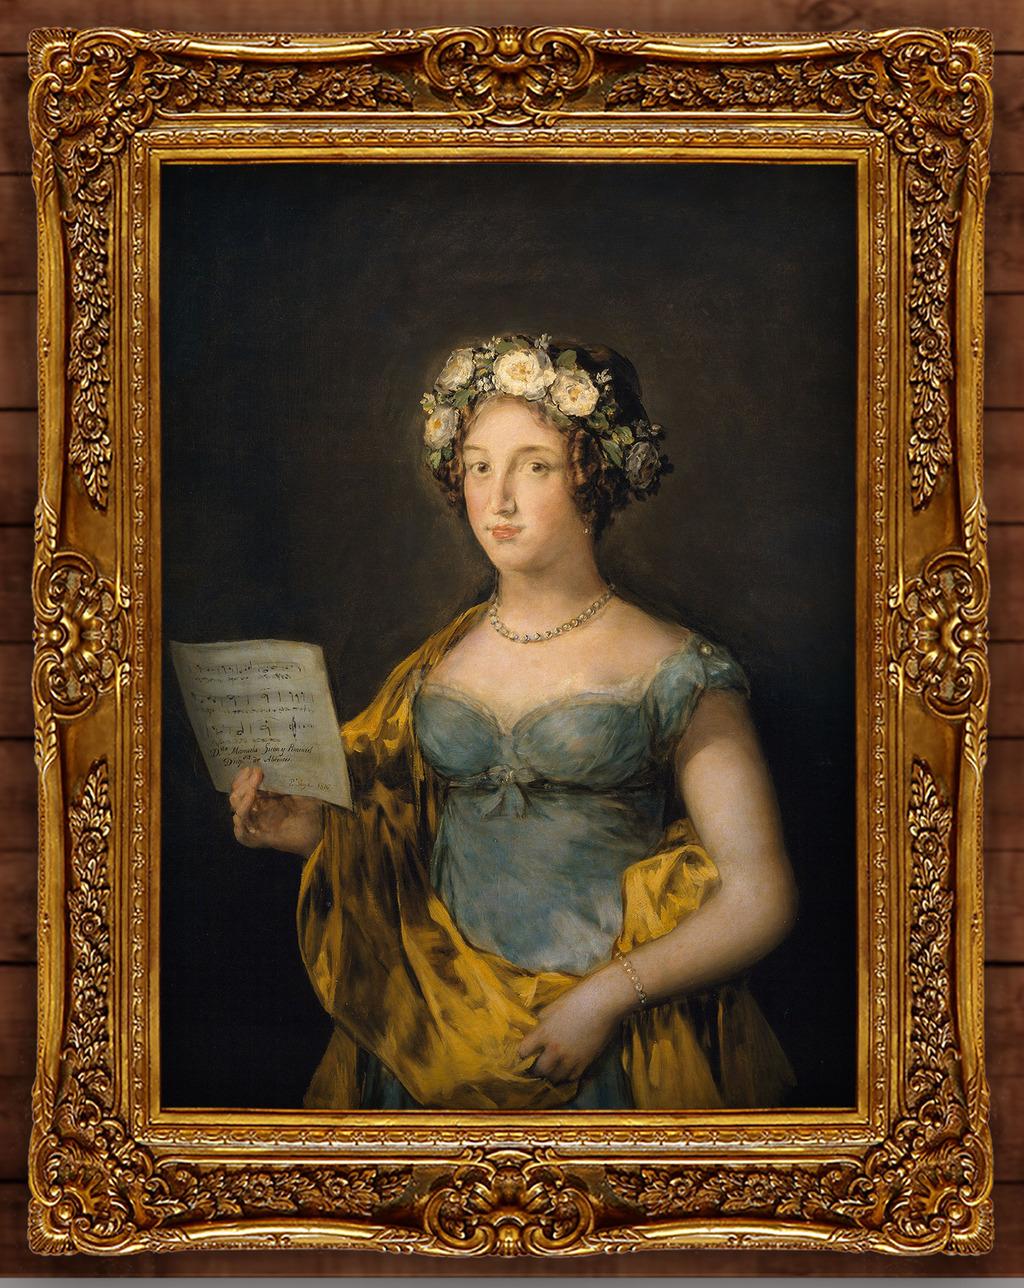 拿乐谱的蓝衣女孩古典主义油画